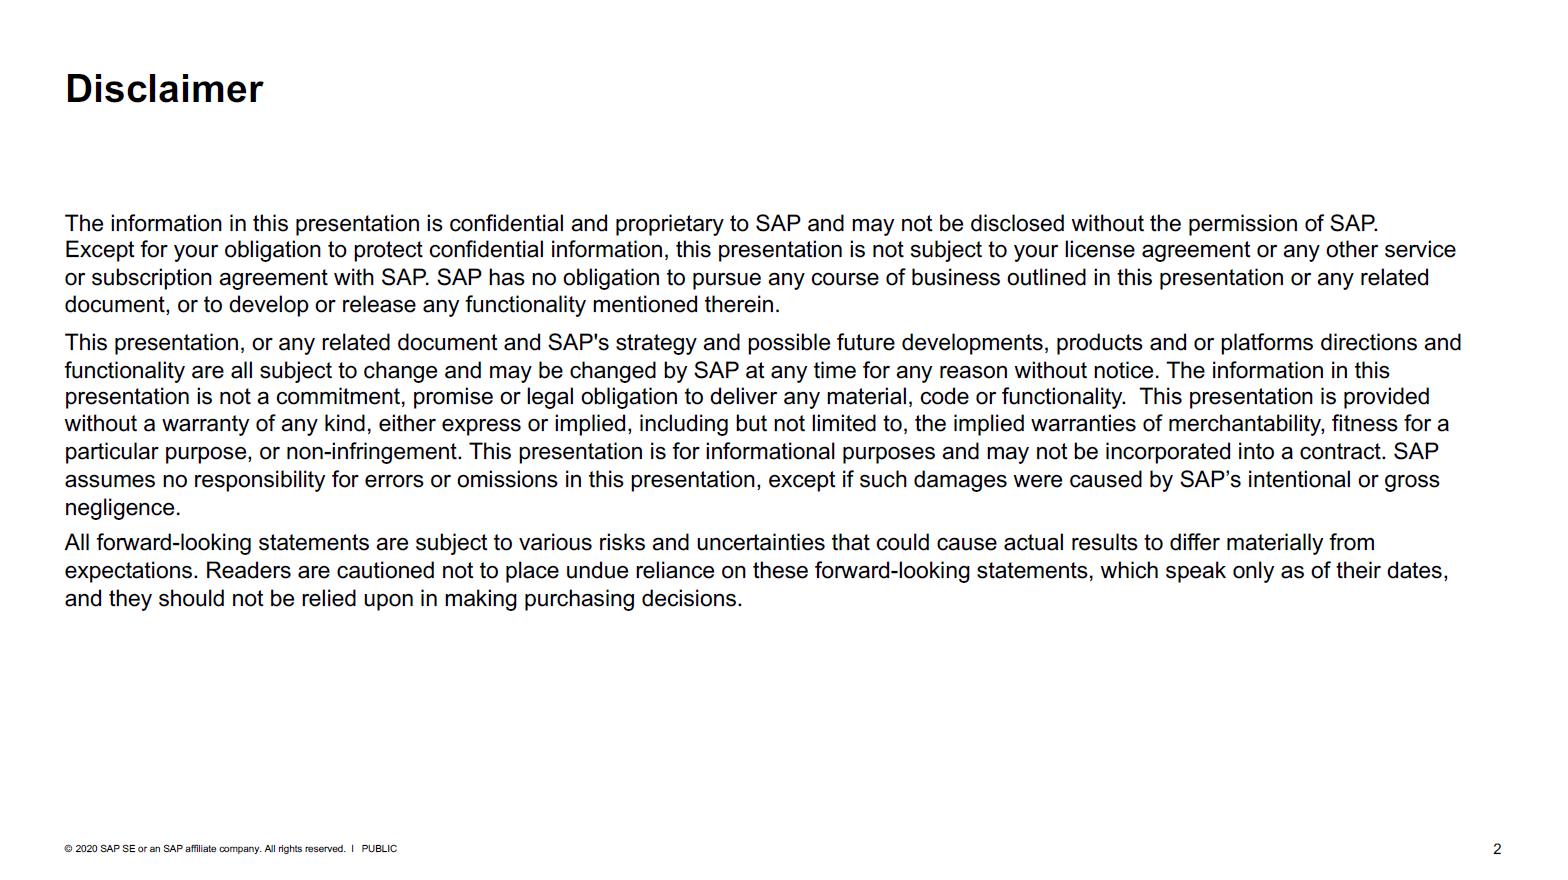 SAP Disclaimer